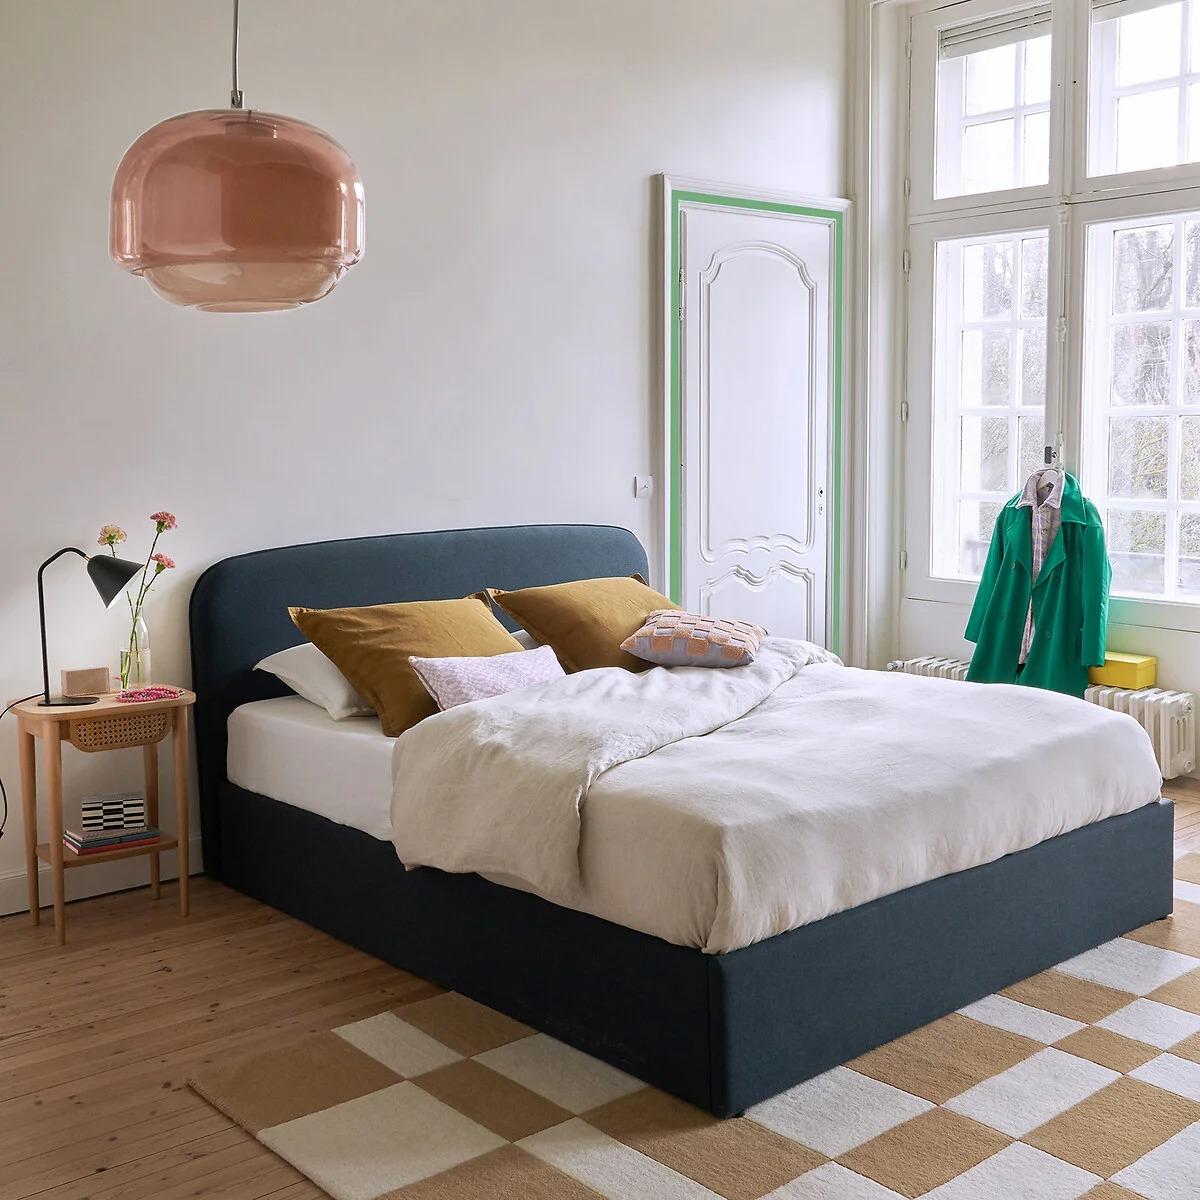 Washed Linen Duvet Cover